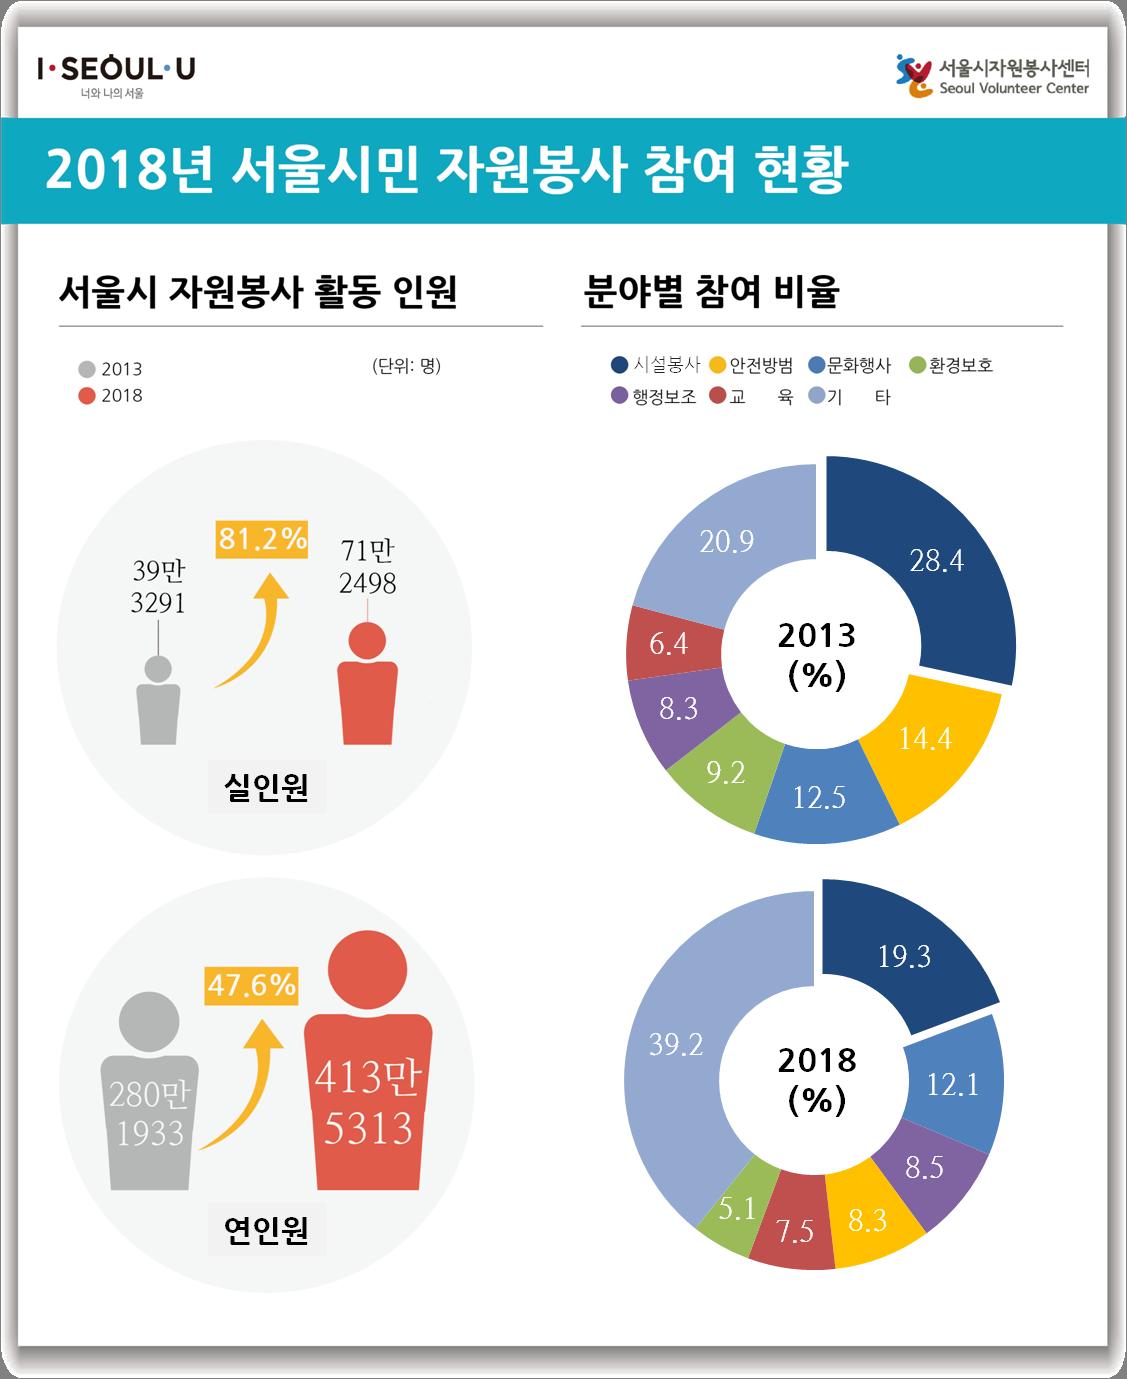 서울시 자원봉사자 71만 명… 5년간 꾸준히 성장 자세한 내용은 포스트 내용 참조